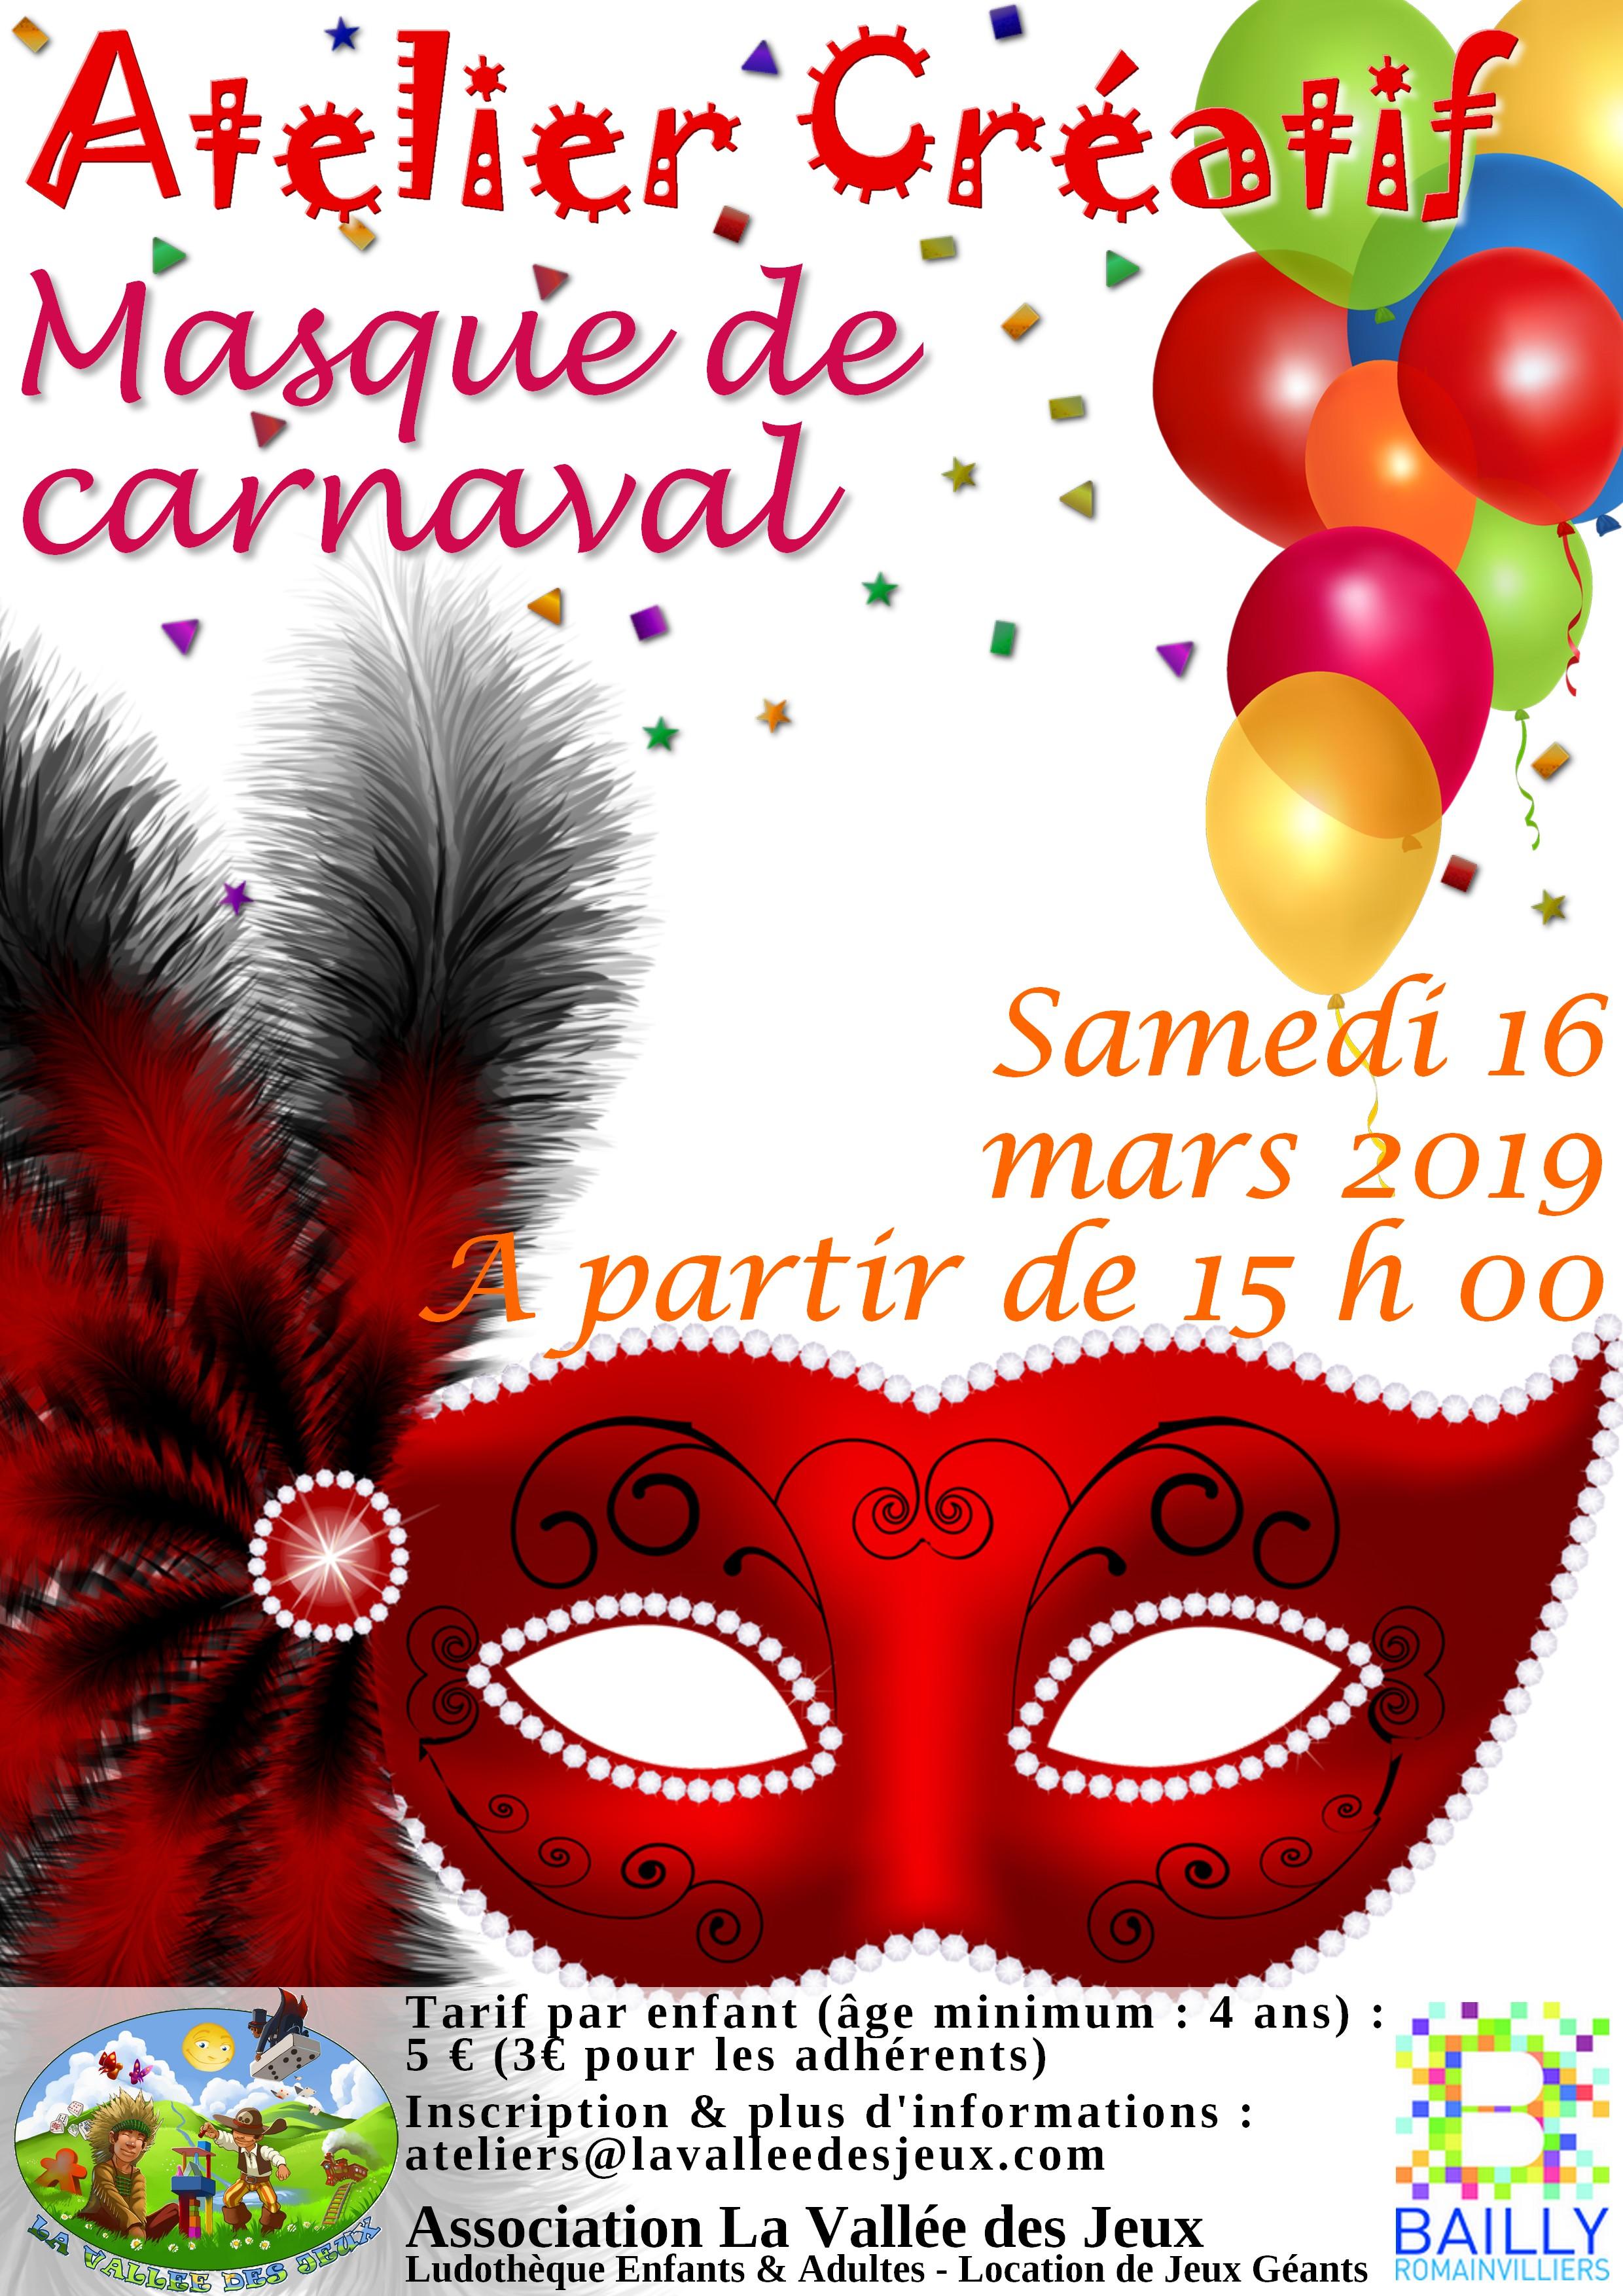 Atelier créatif : Carnaval @ Ludothèque La vallée des jeux